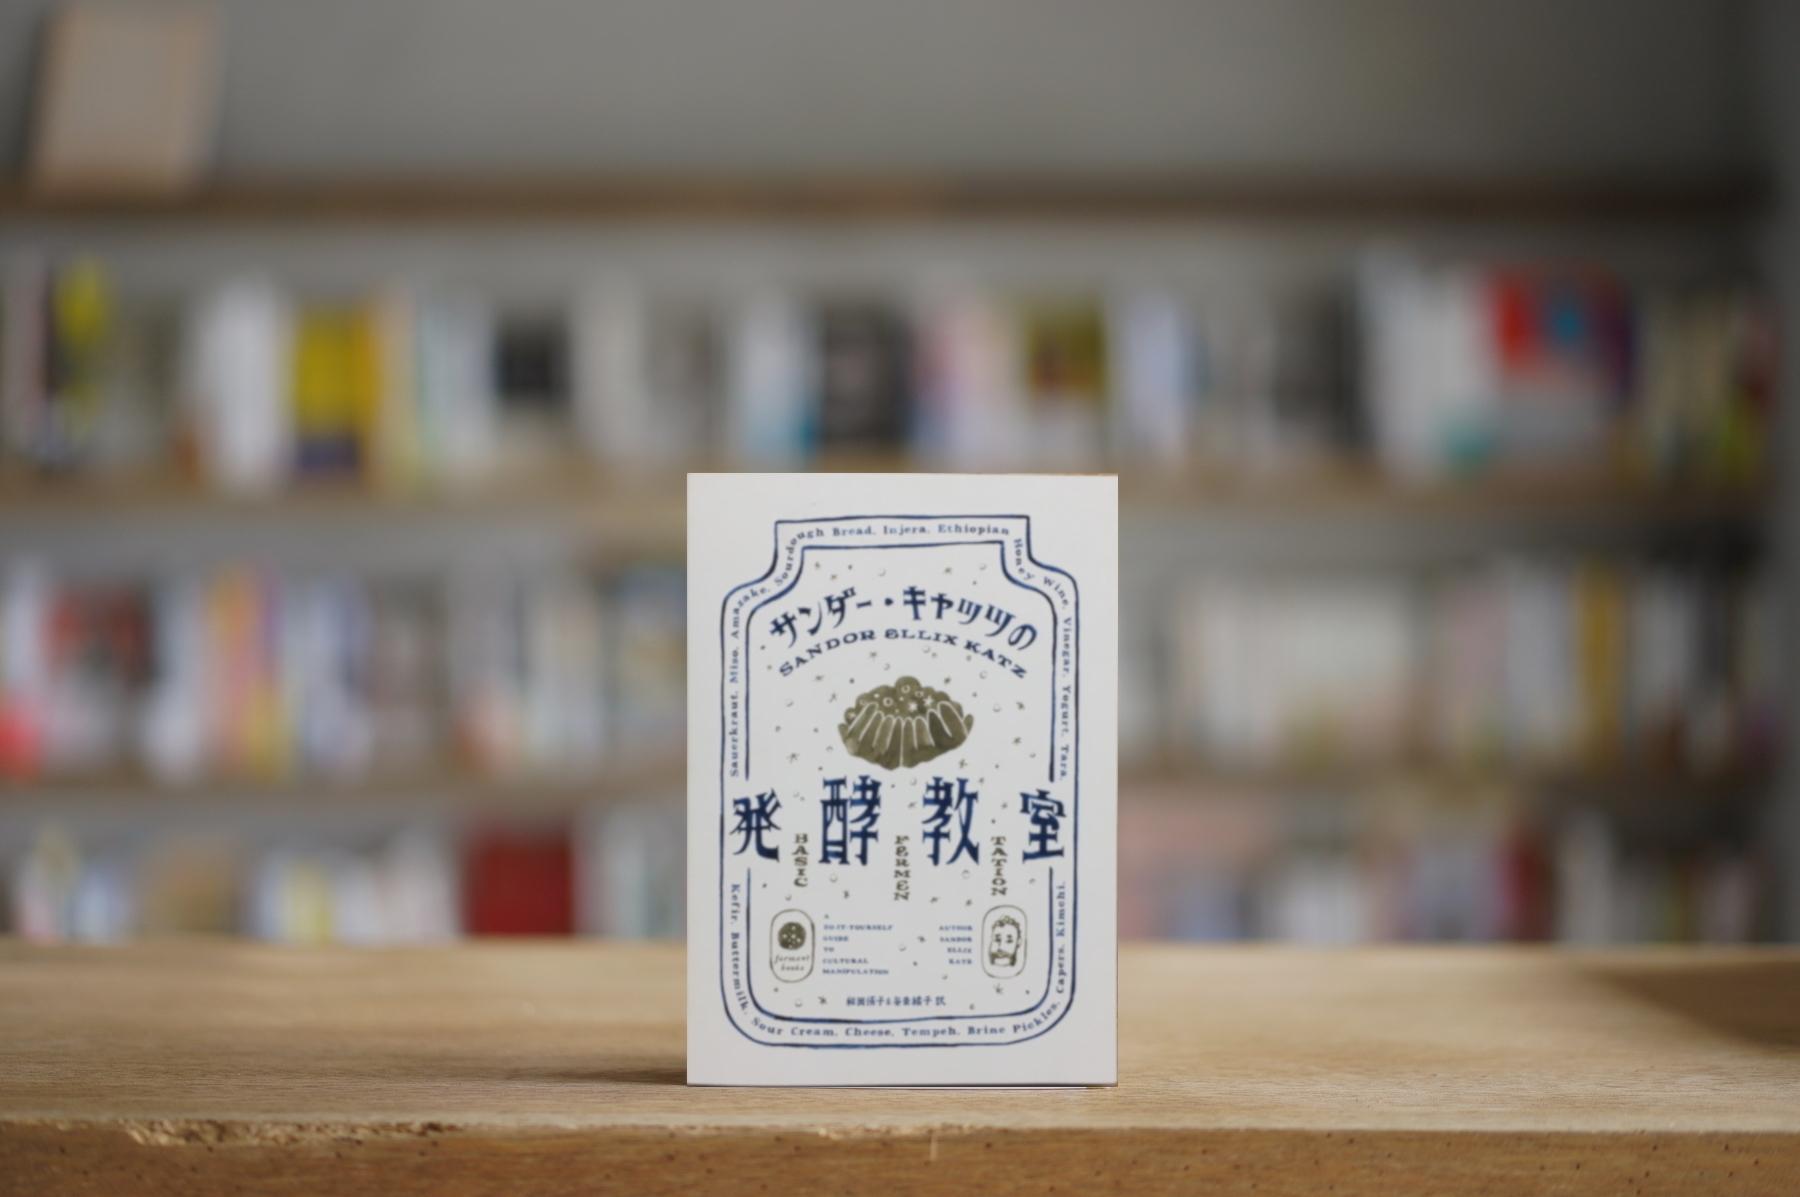 サンダー・エリックス・キャッツ 訳:和田侑子、谷奈緒子 『サンダー・キャッツの発酵教室』 (ferment books、2018)